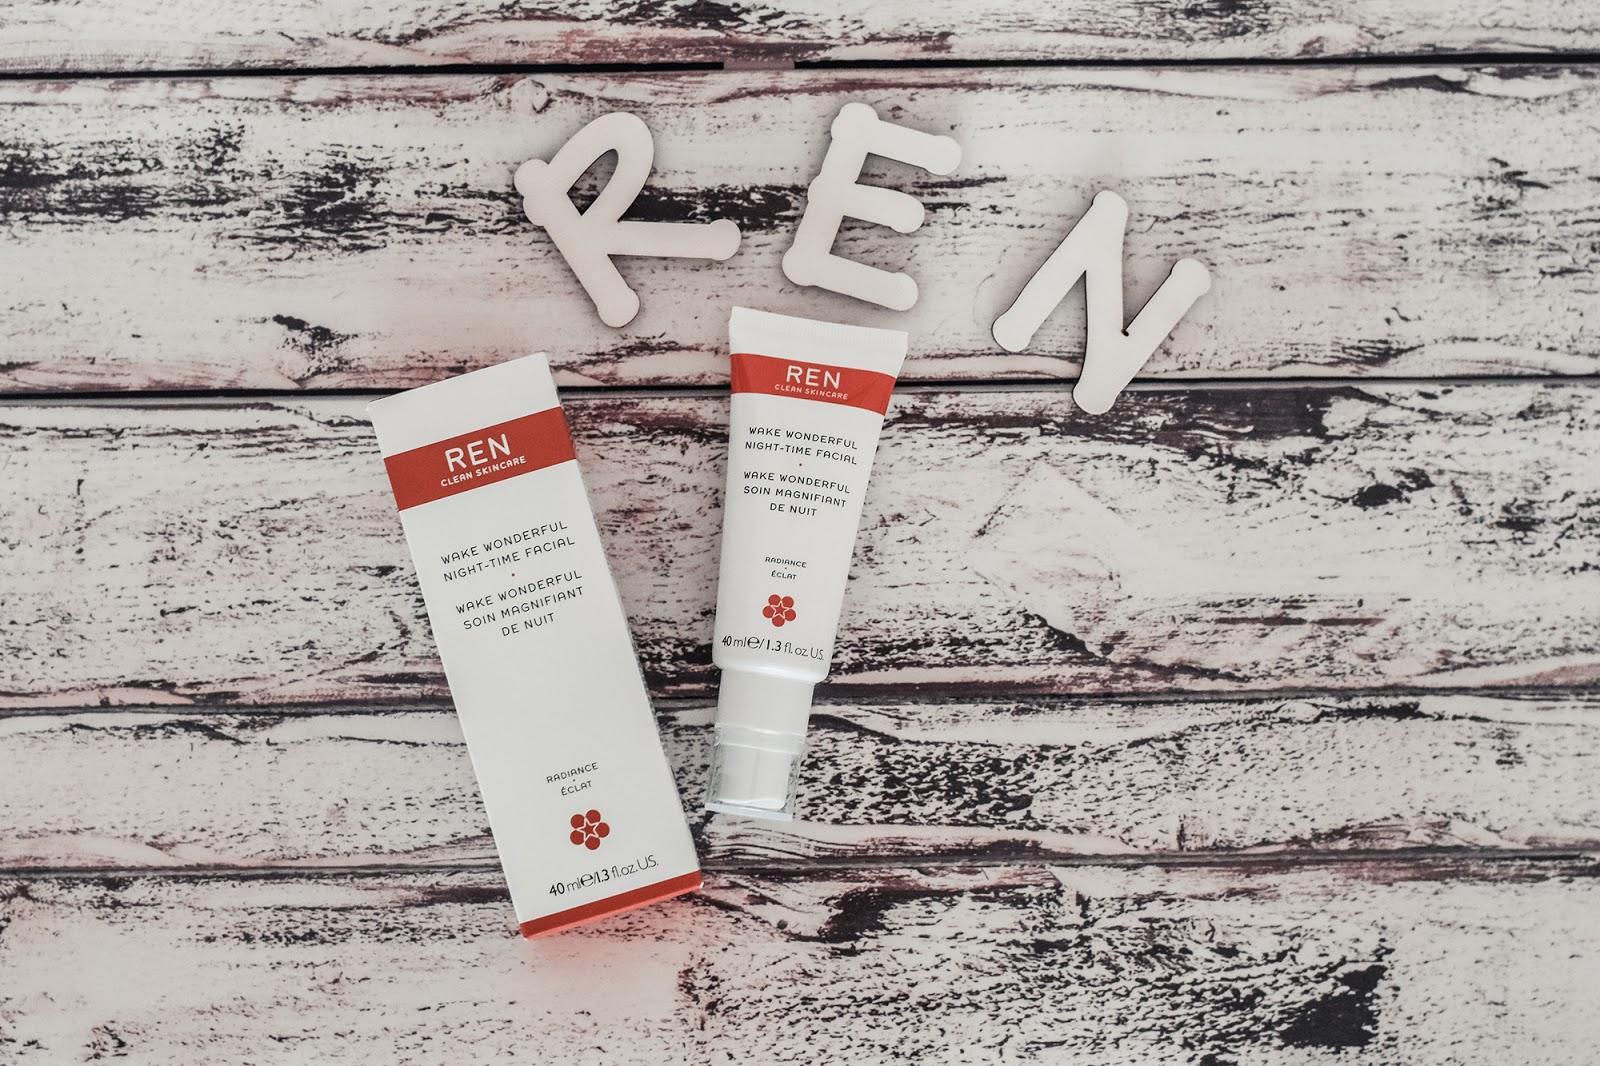 REN prodotti skincare